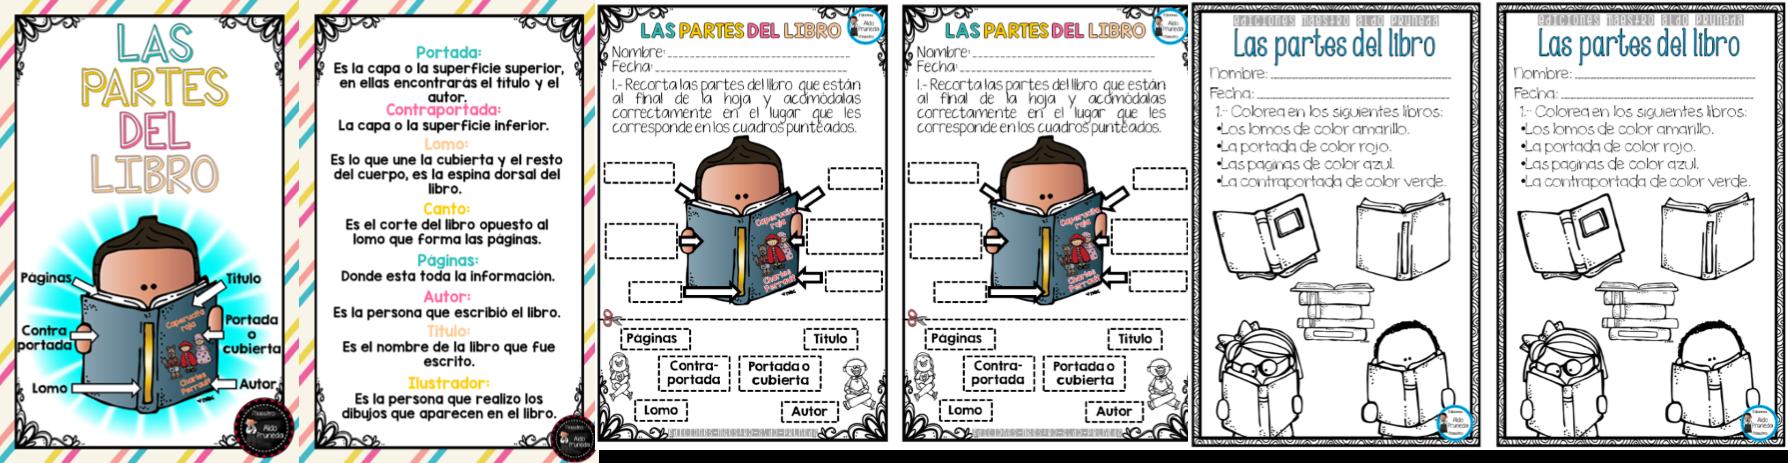 Diseño Y Actividades Sobre Las Partes Del Libro Para Enseñar A